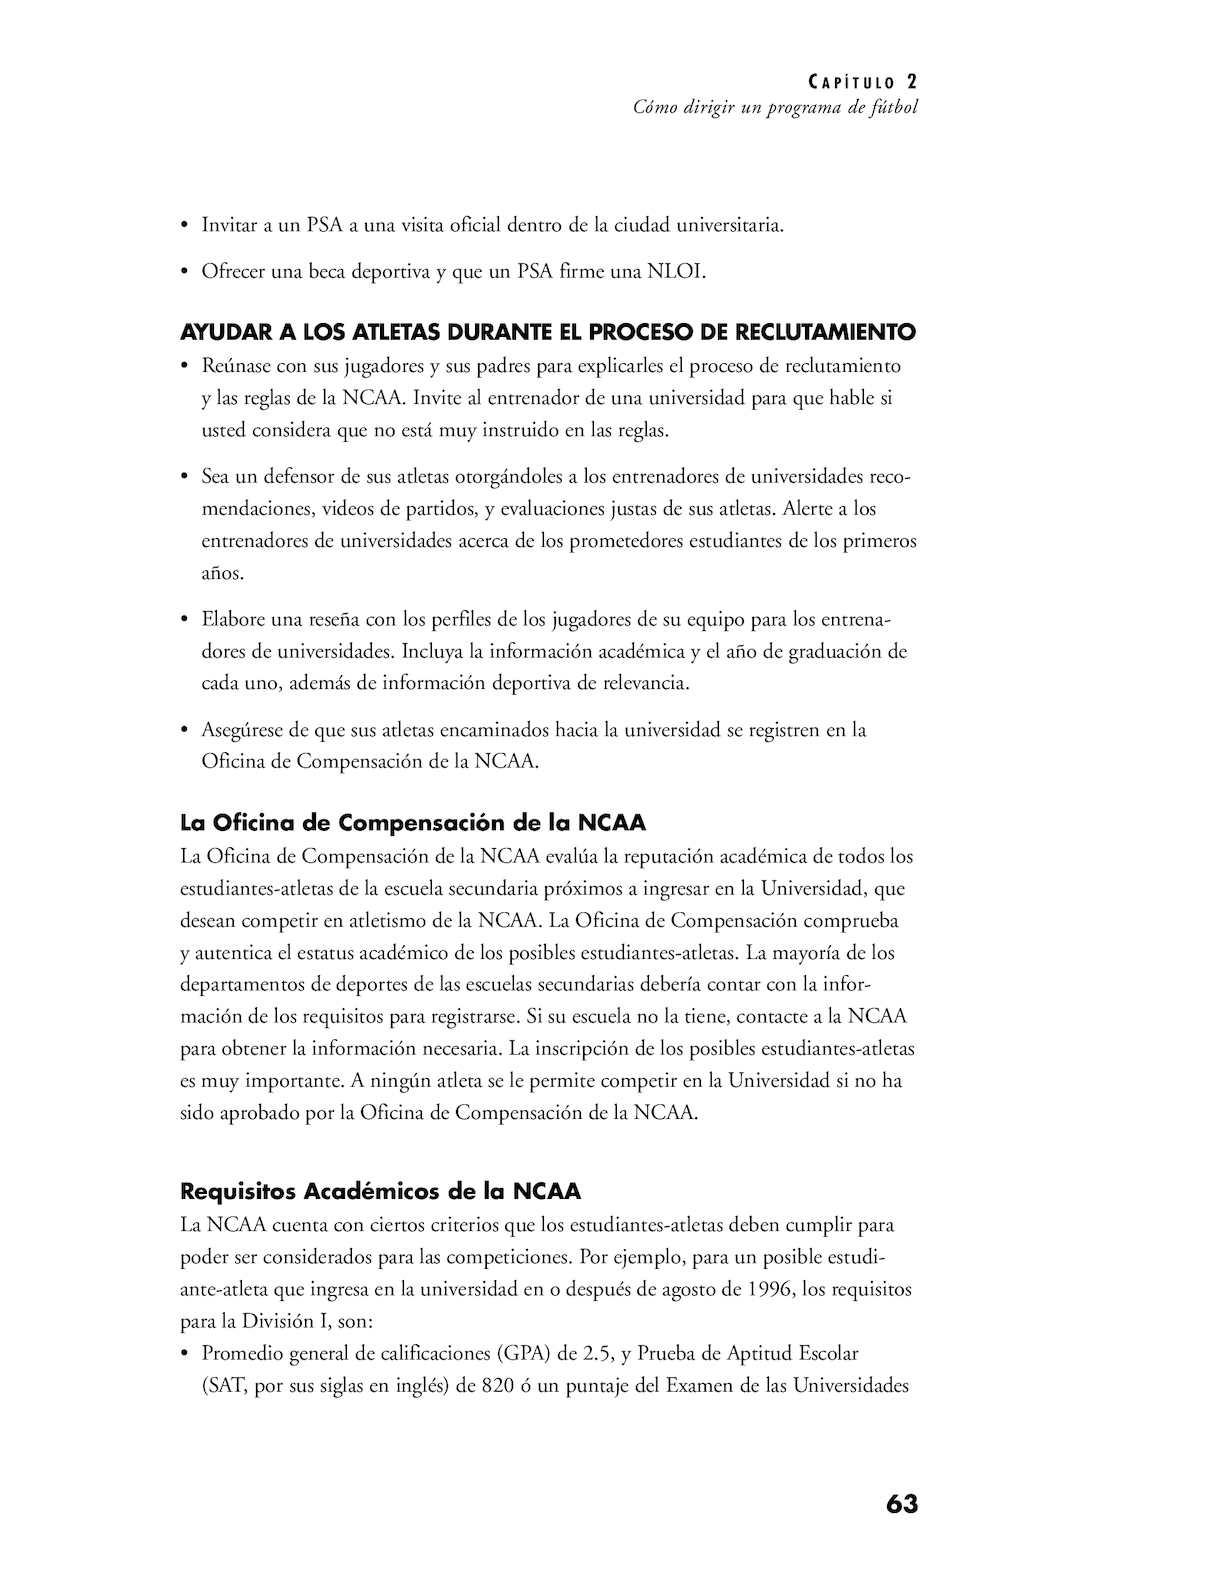 Spanish Soccer Manual - CALAMEO Downloader